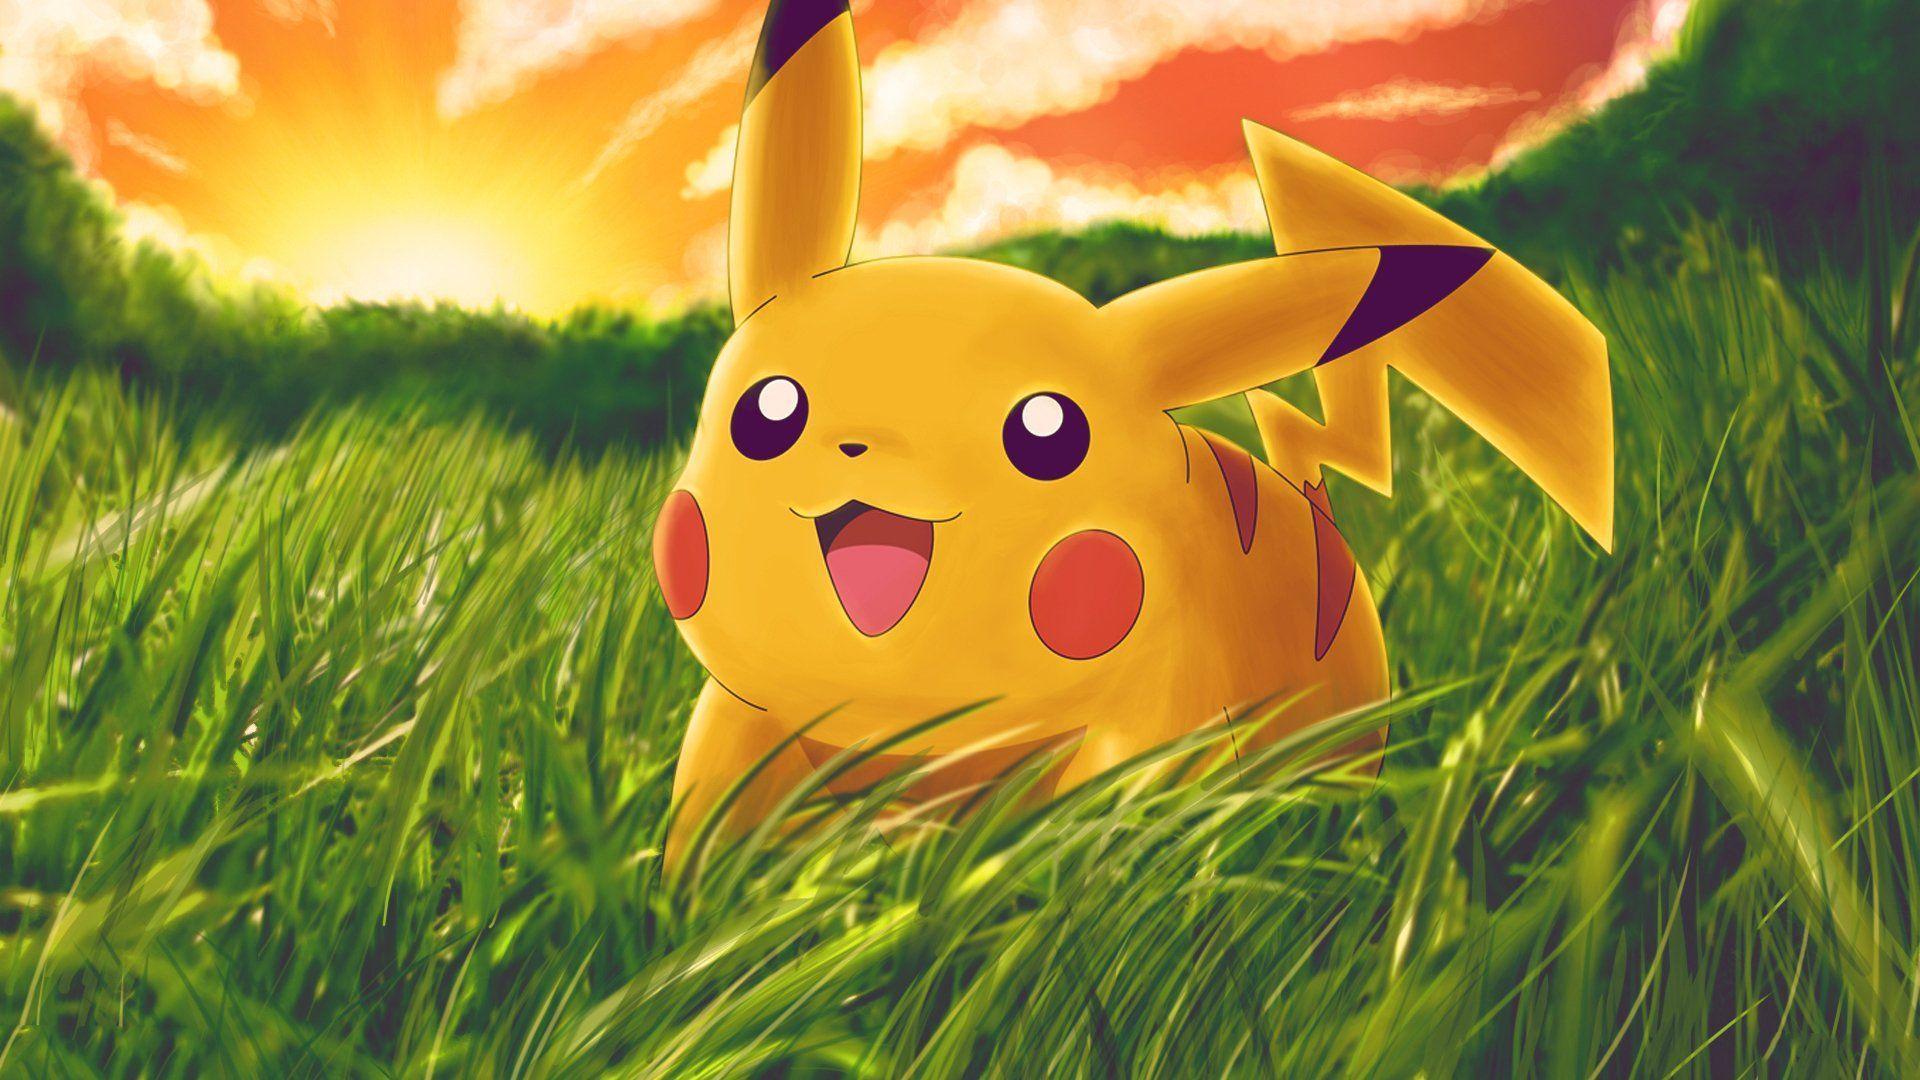 1920x1080 Hình nền Pikachu dễ thương Inside